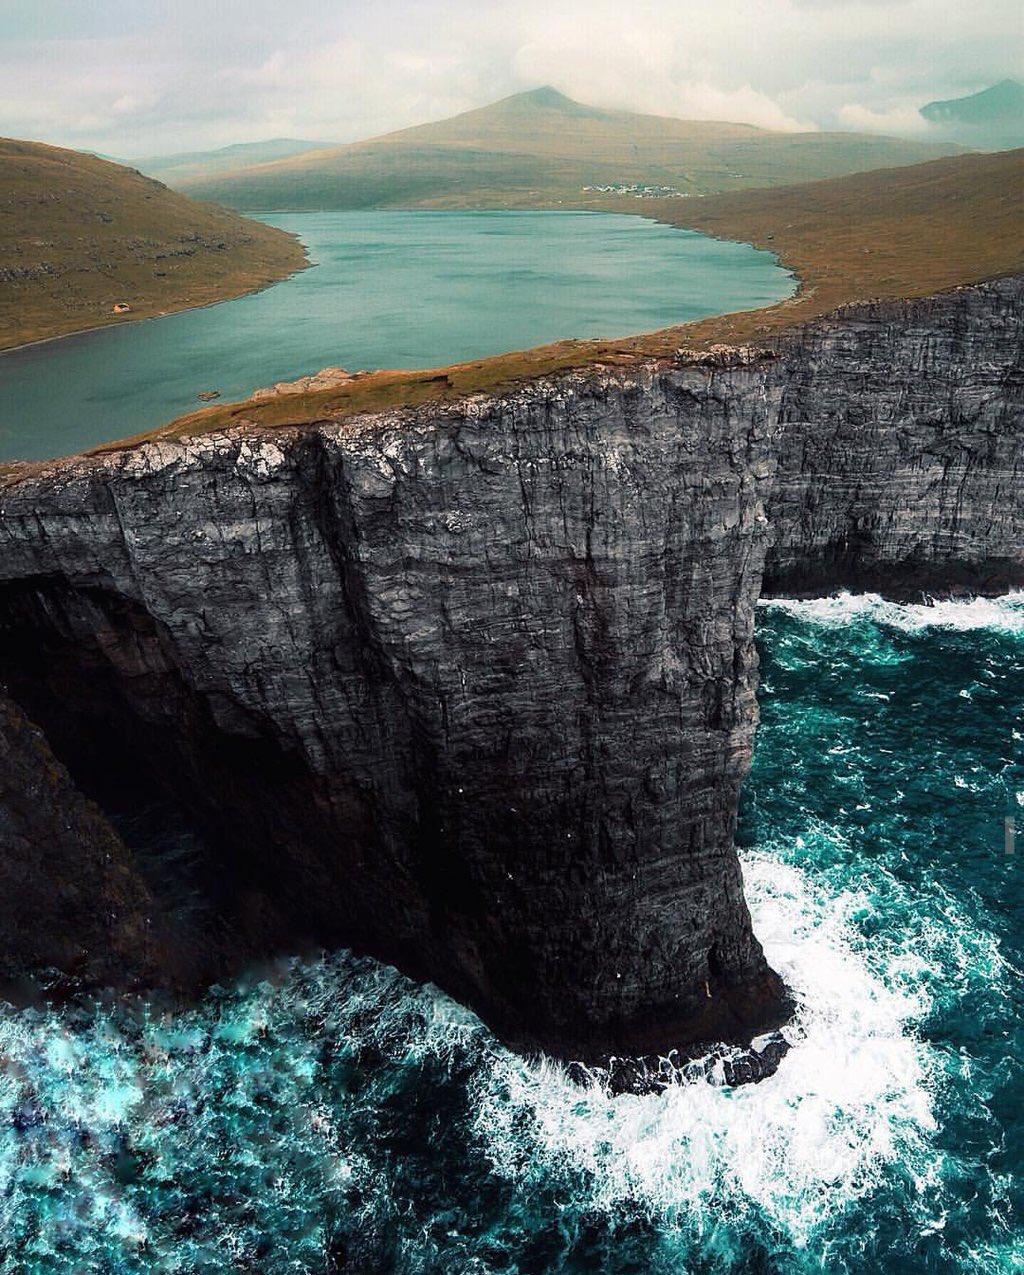 Faroe Adaları'nın en büyük gölü; Vágar Adası'nda bulunan ve denizden 40 metre yüksekteki Sørvágsvatn https://t.co/59dunD2RAc